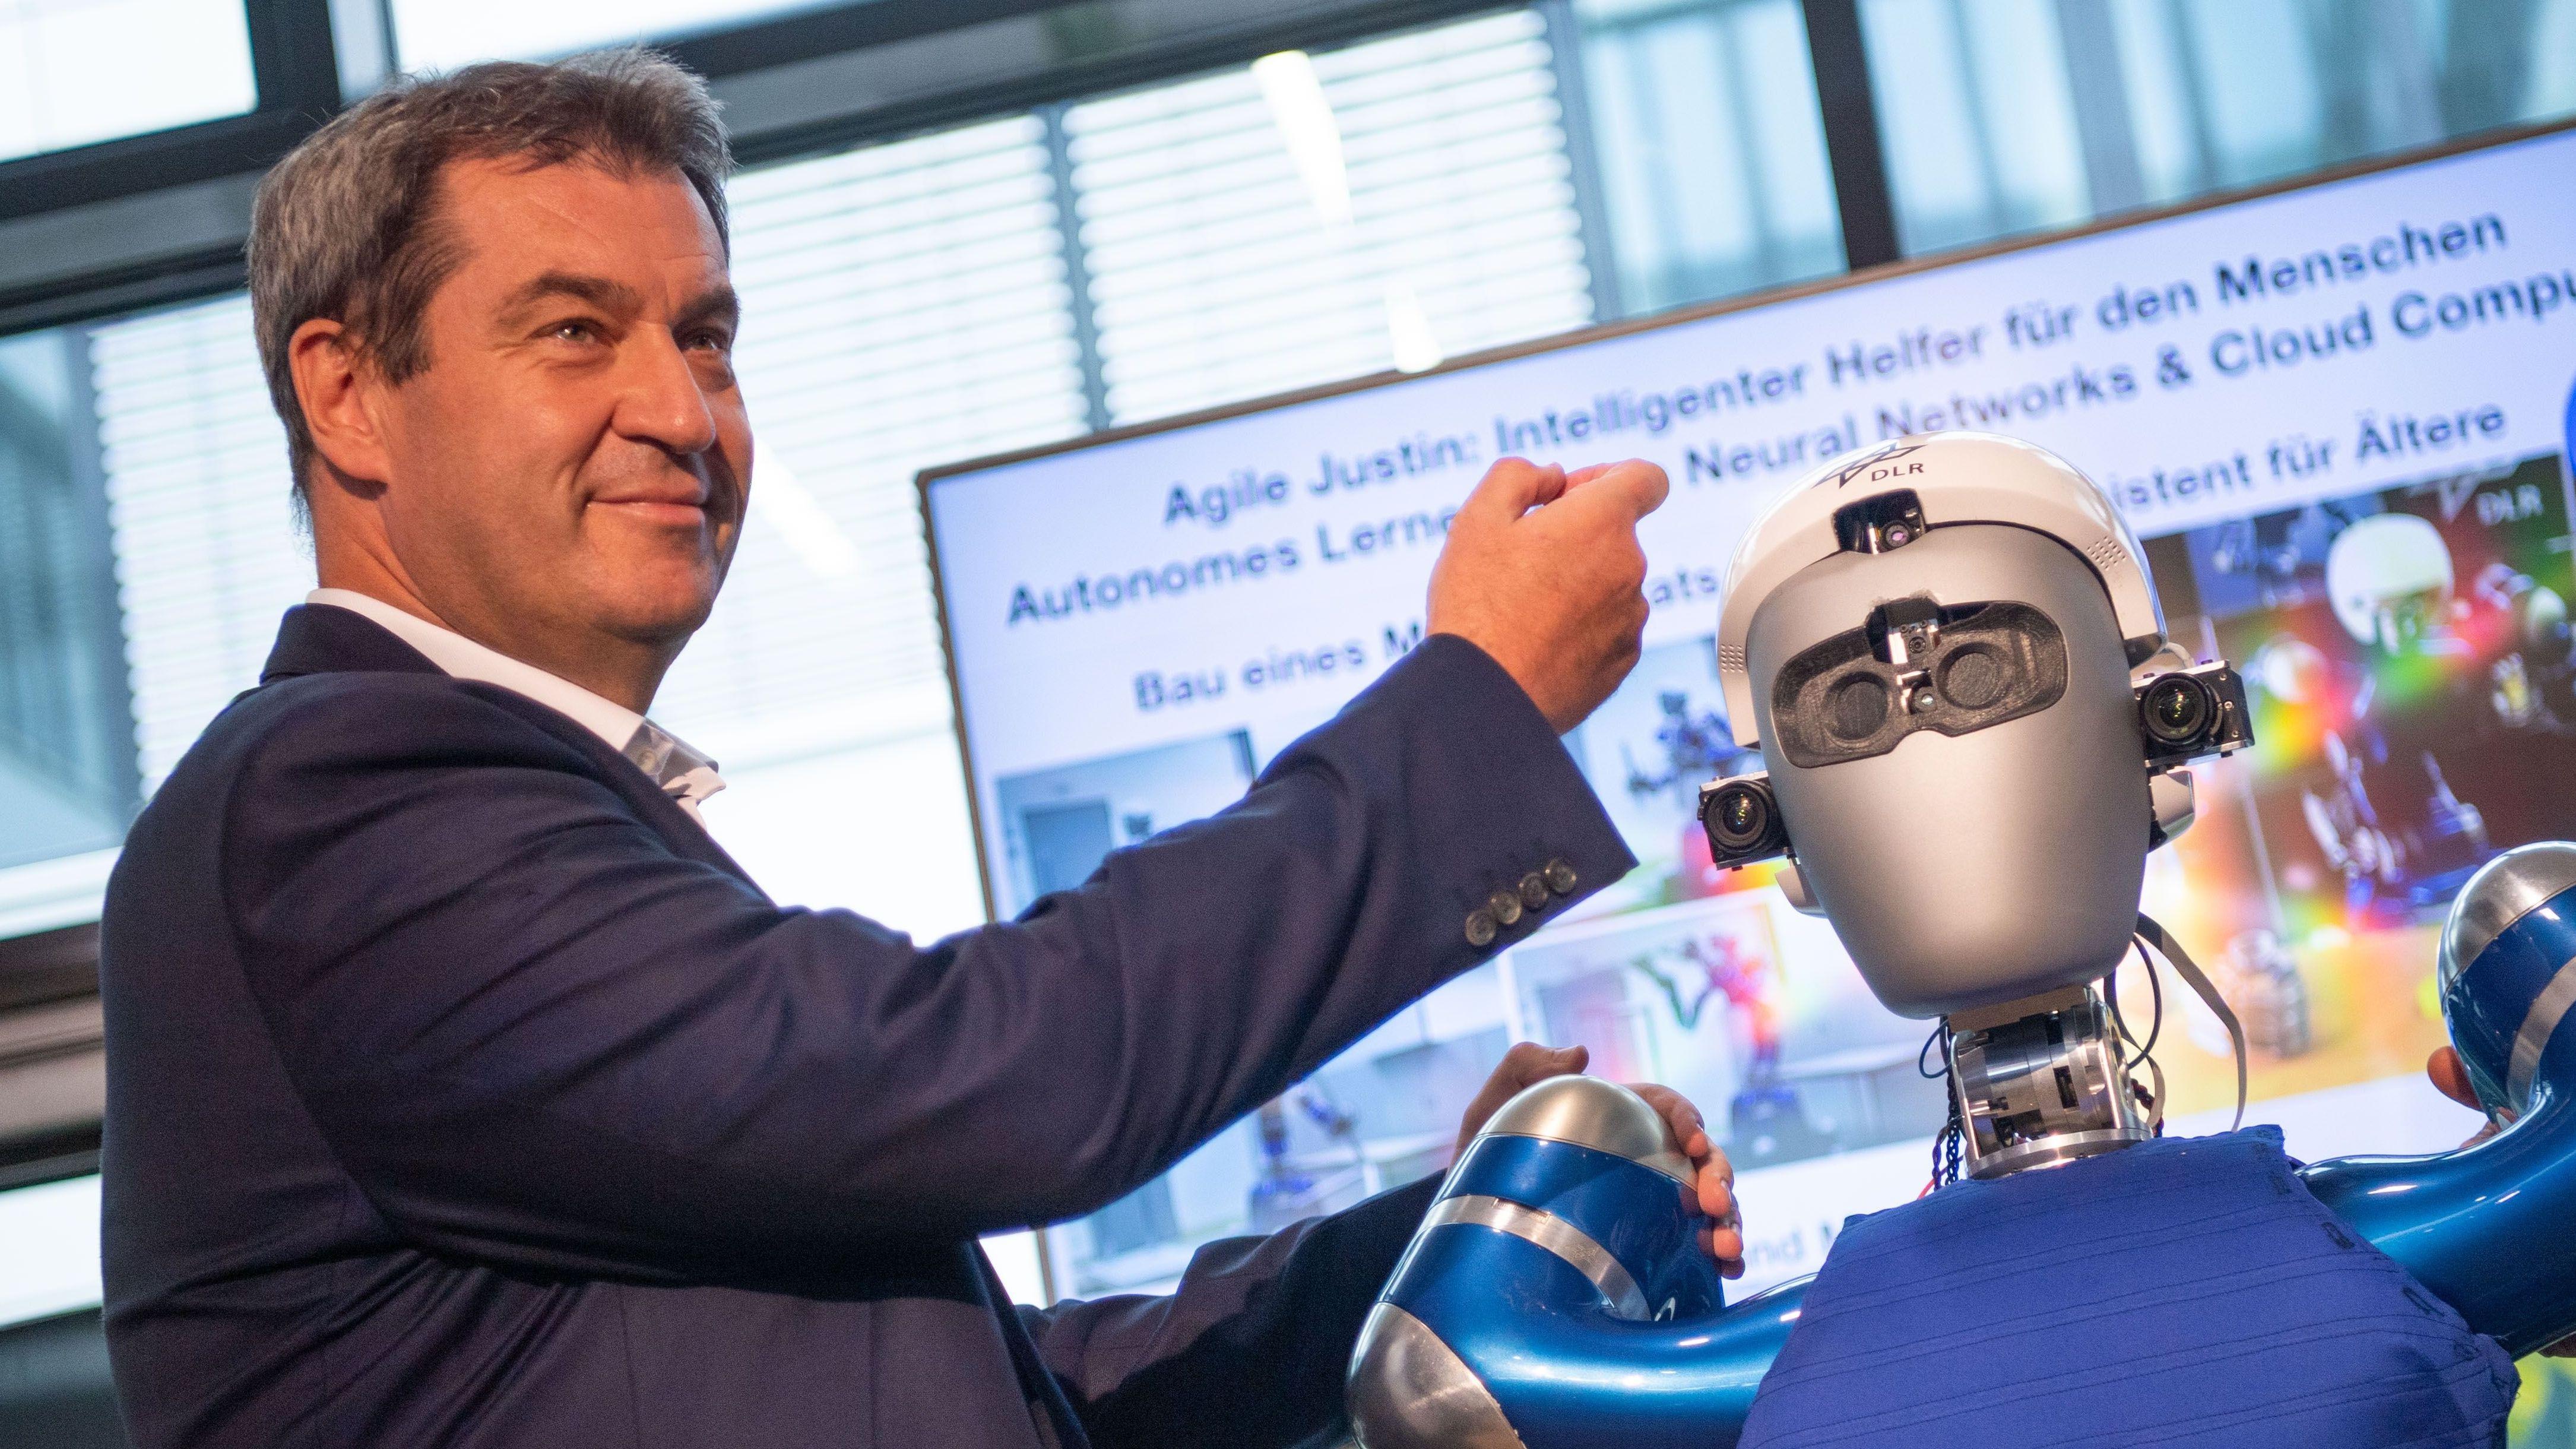 Markus Söder am 6.9. mit einem selbstlernenden Roboterhelfer